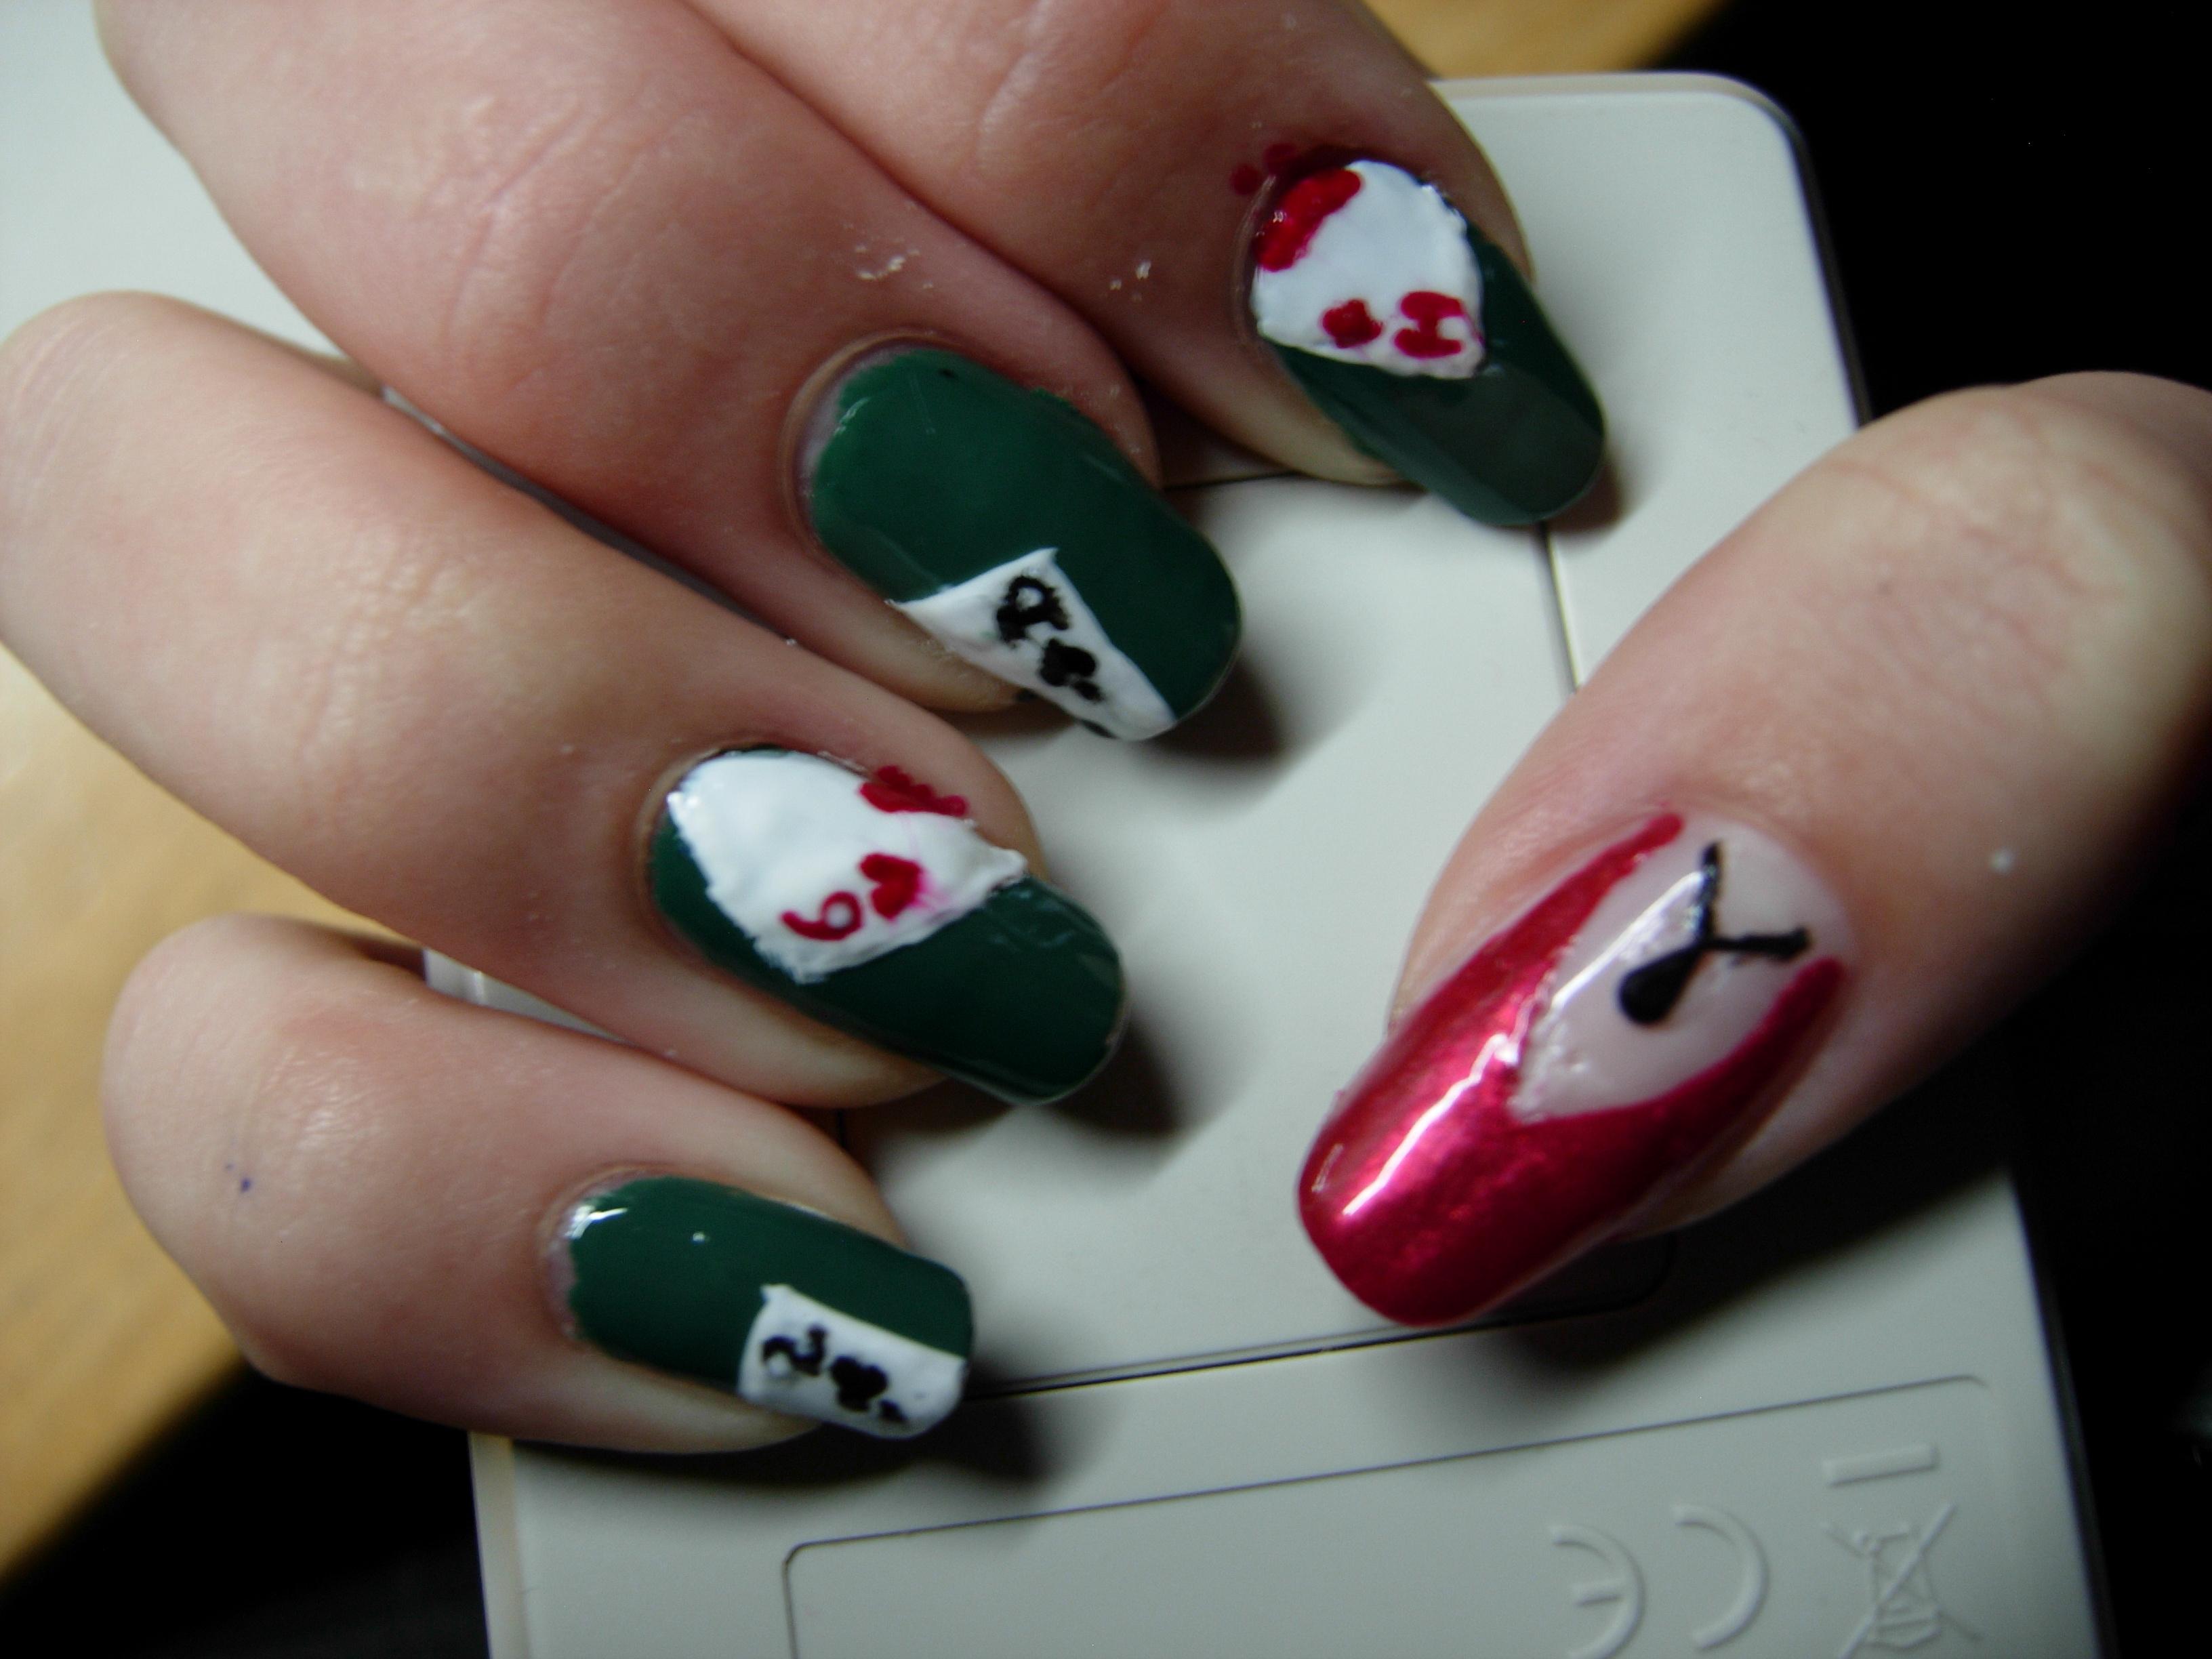 Poker nails 2 by SarahJacky